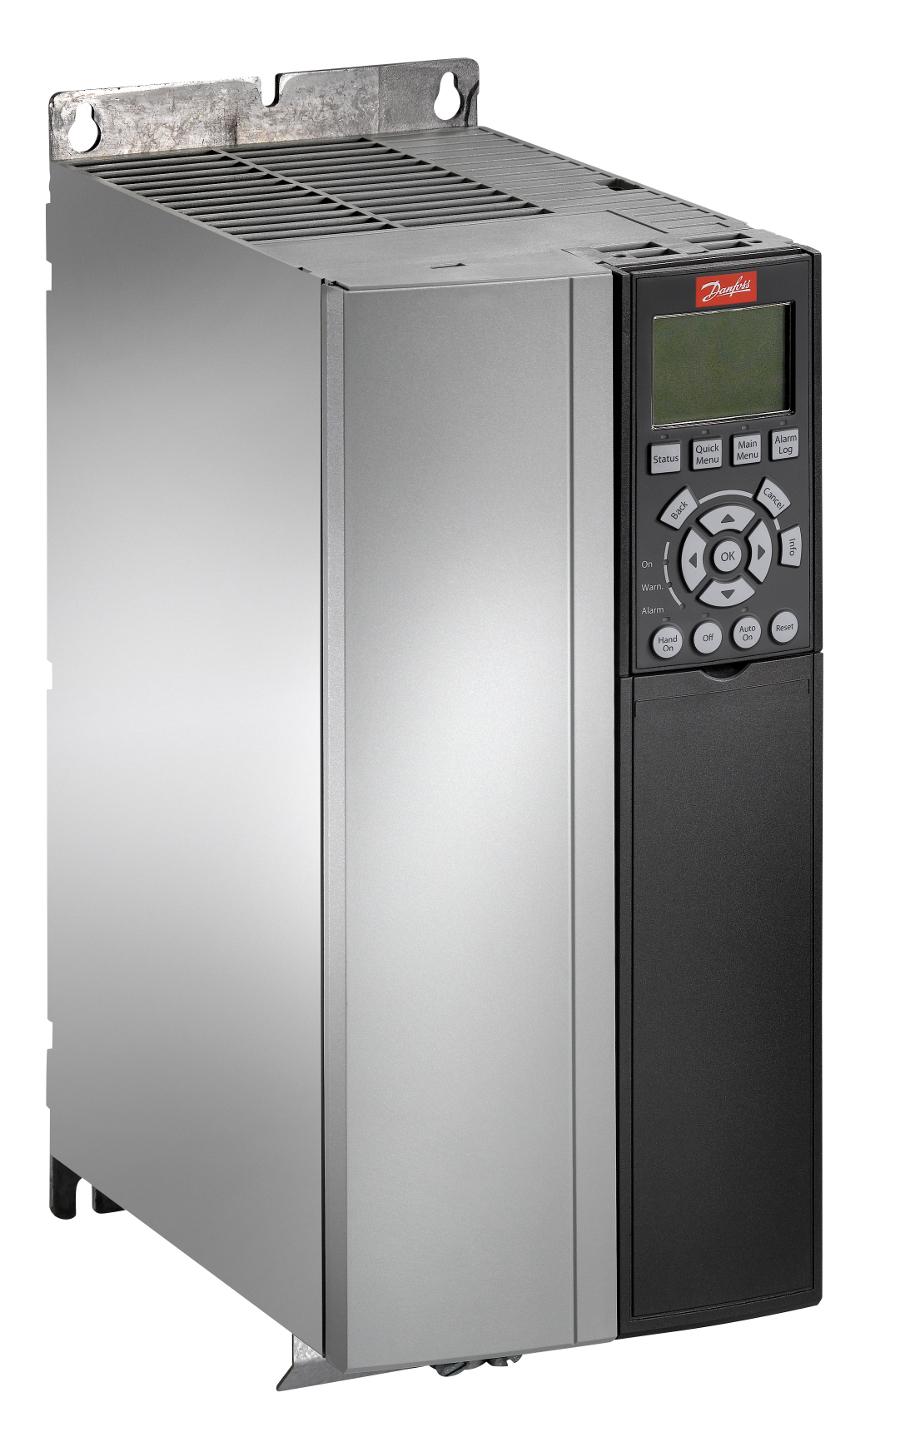 Danfoss FC102 HVAC Drive